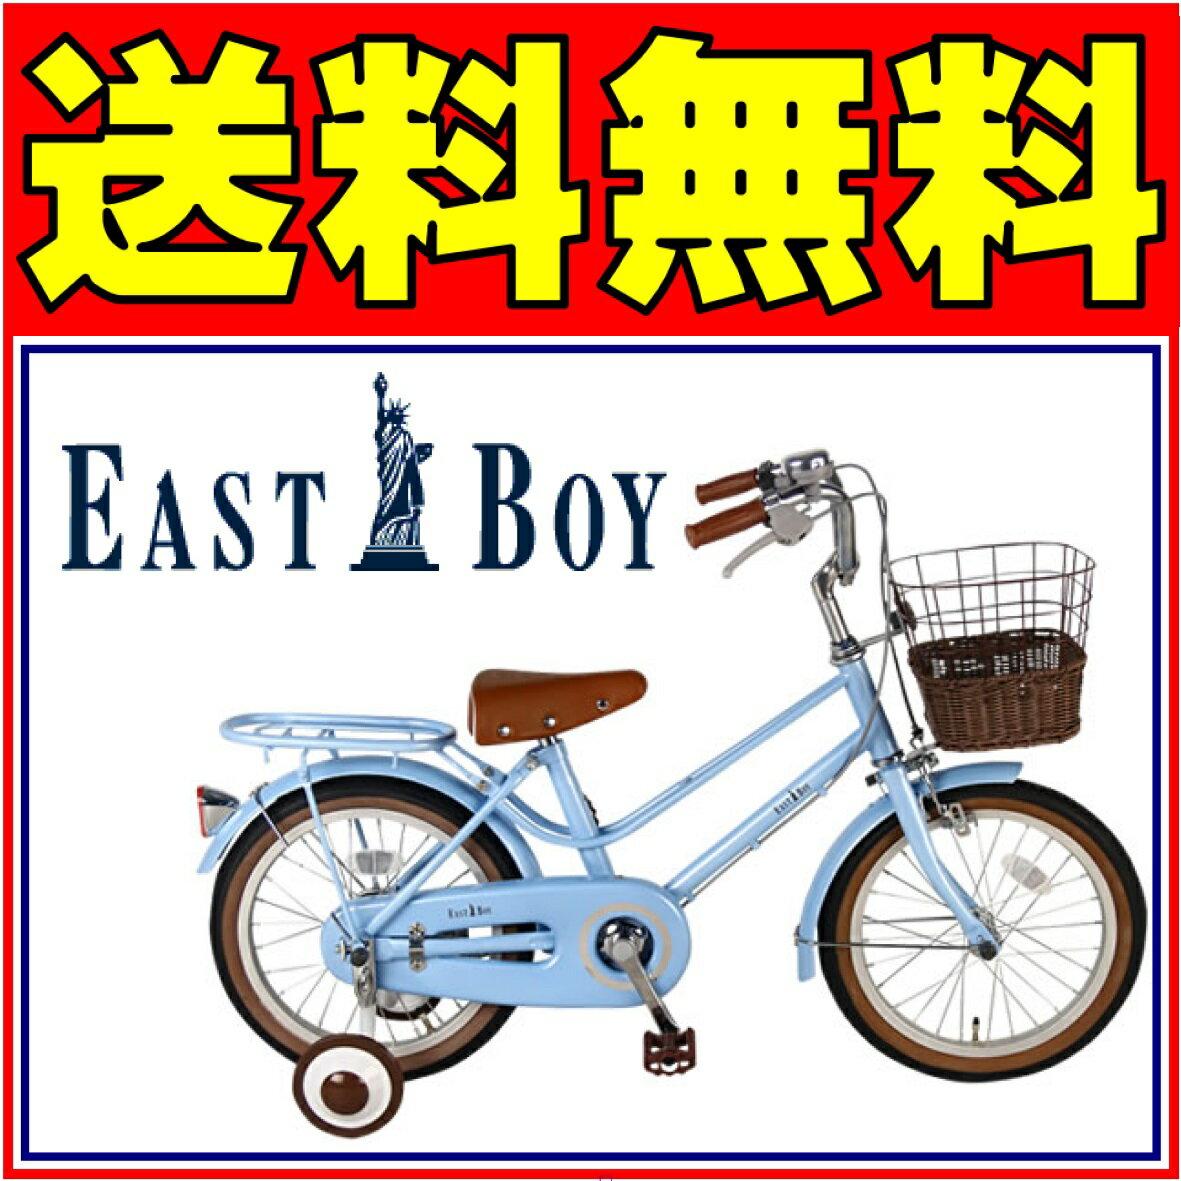 <関東限定特別価格>自転車 イーストボーイ 送料無料  18インチ <大人かわいい>キッズ  ブルー シティサイクル 自転車 イーストボーイ EASTBOY 送料無料 クリスマス